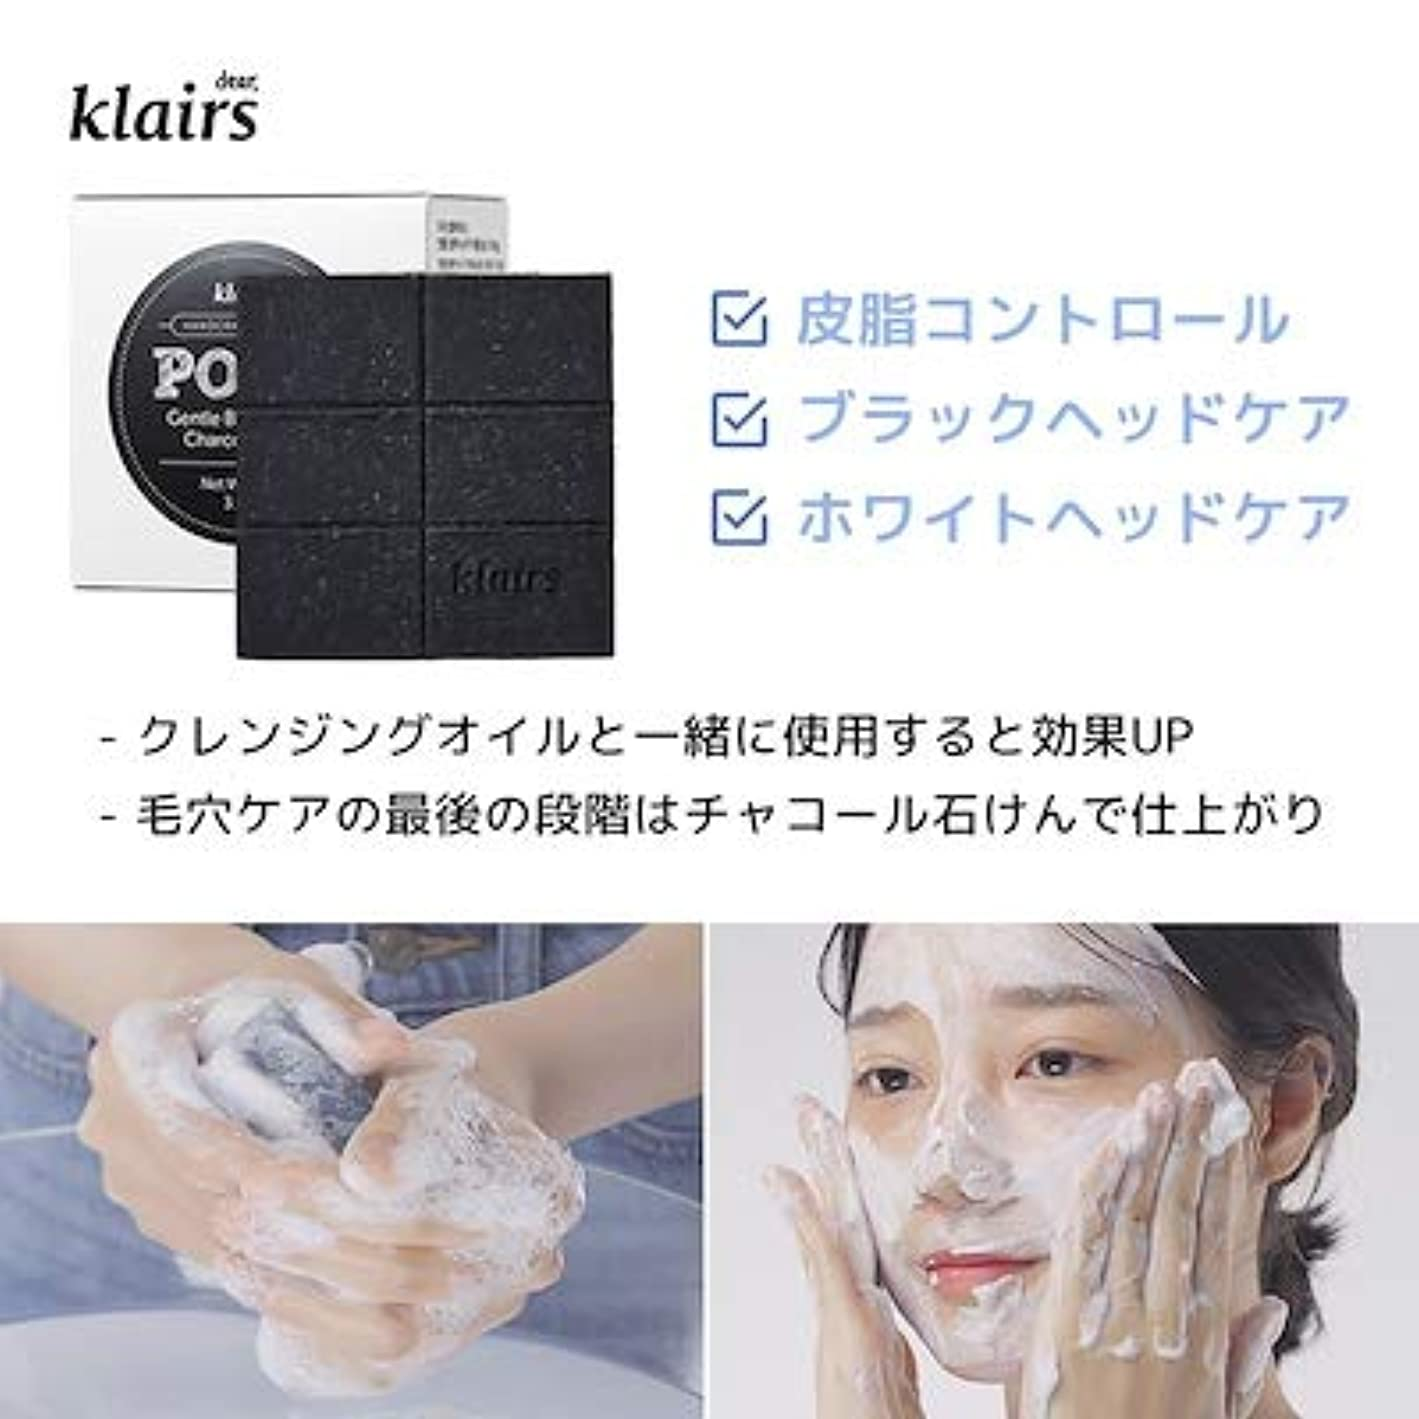 選択する意図的衛星KLAIRS(クレアズ) ジェントルブラックシュガーチャコール石けん, Gentle Black Sugar Charcol Soap 120g [並行輸入品]